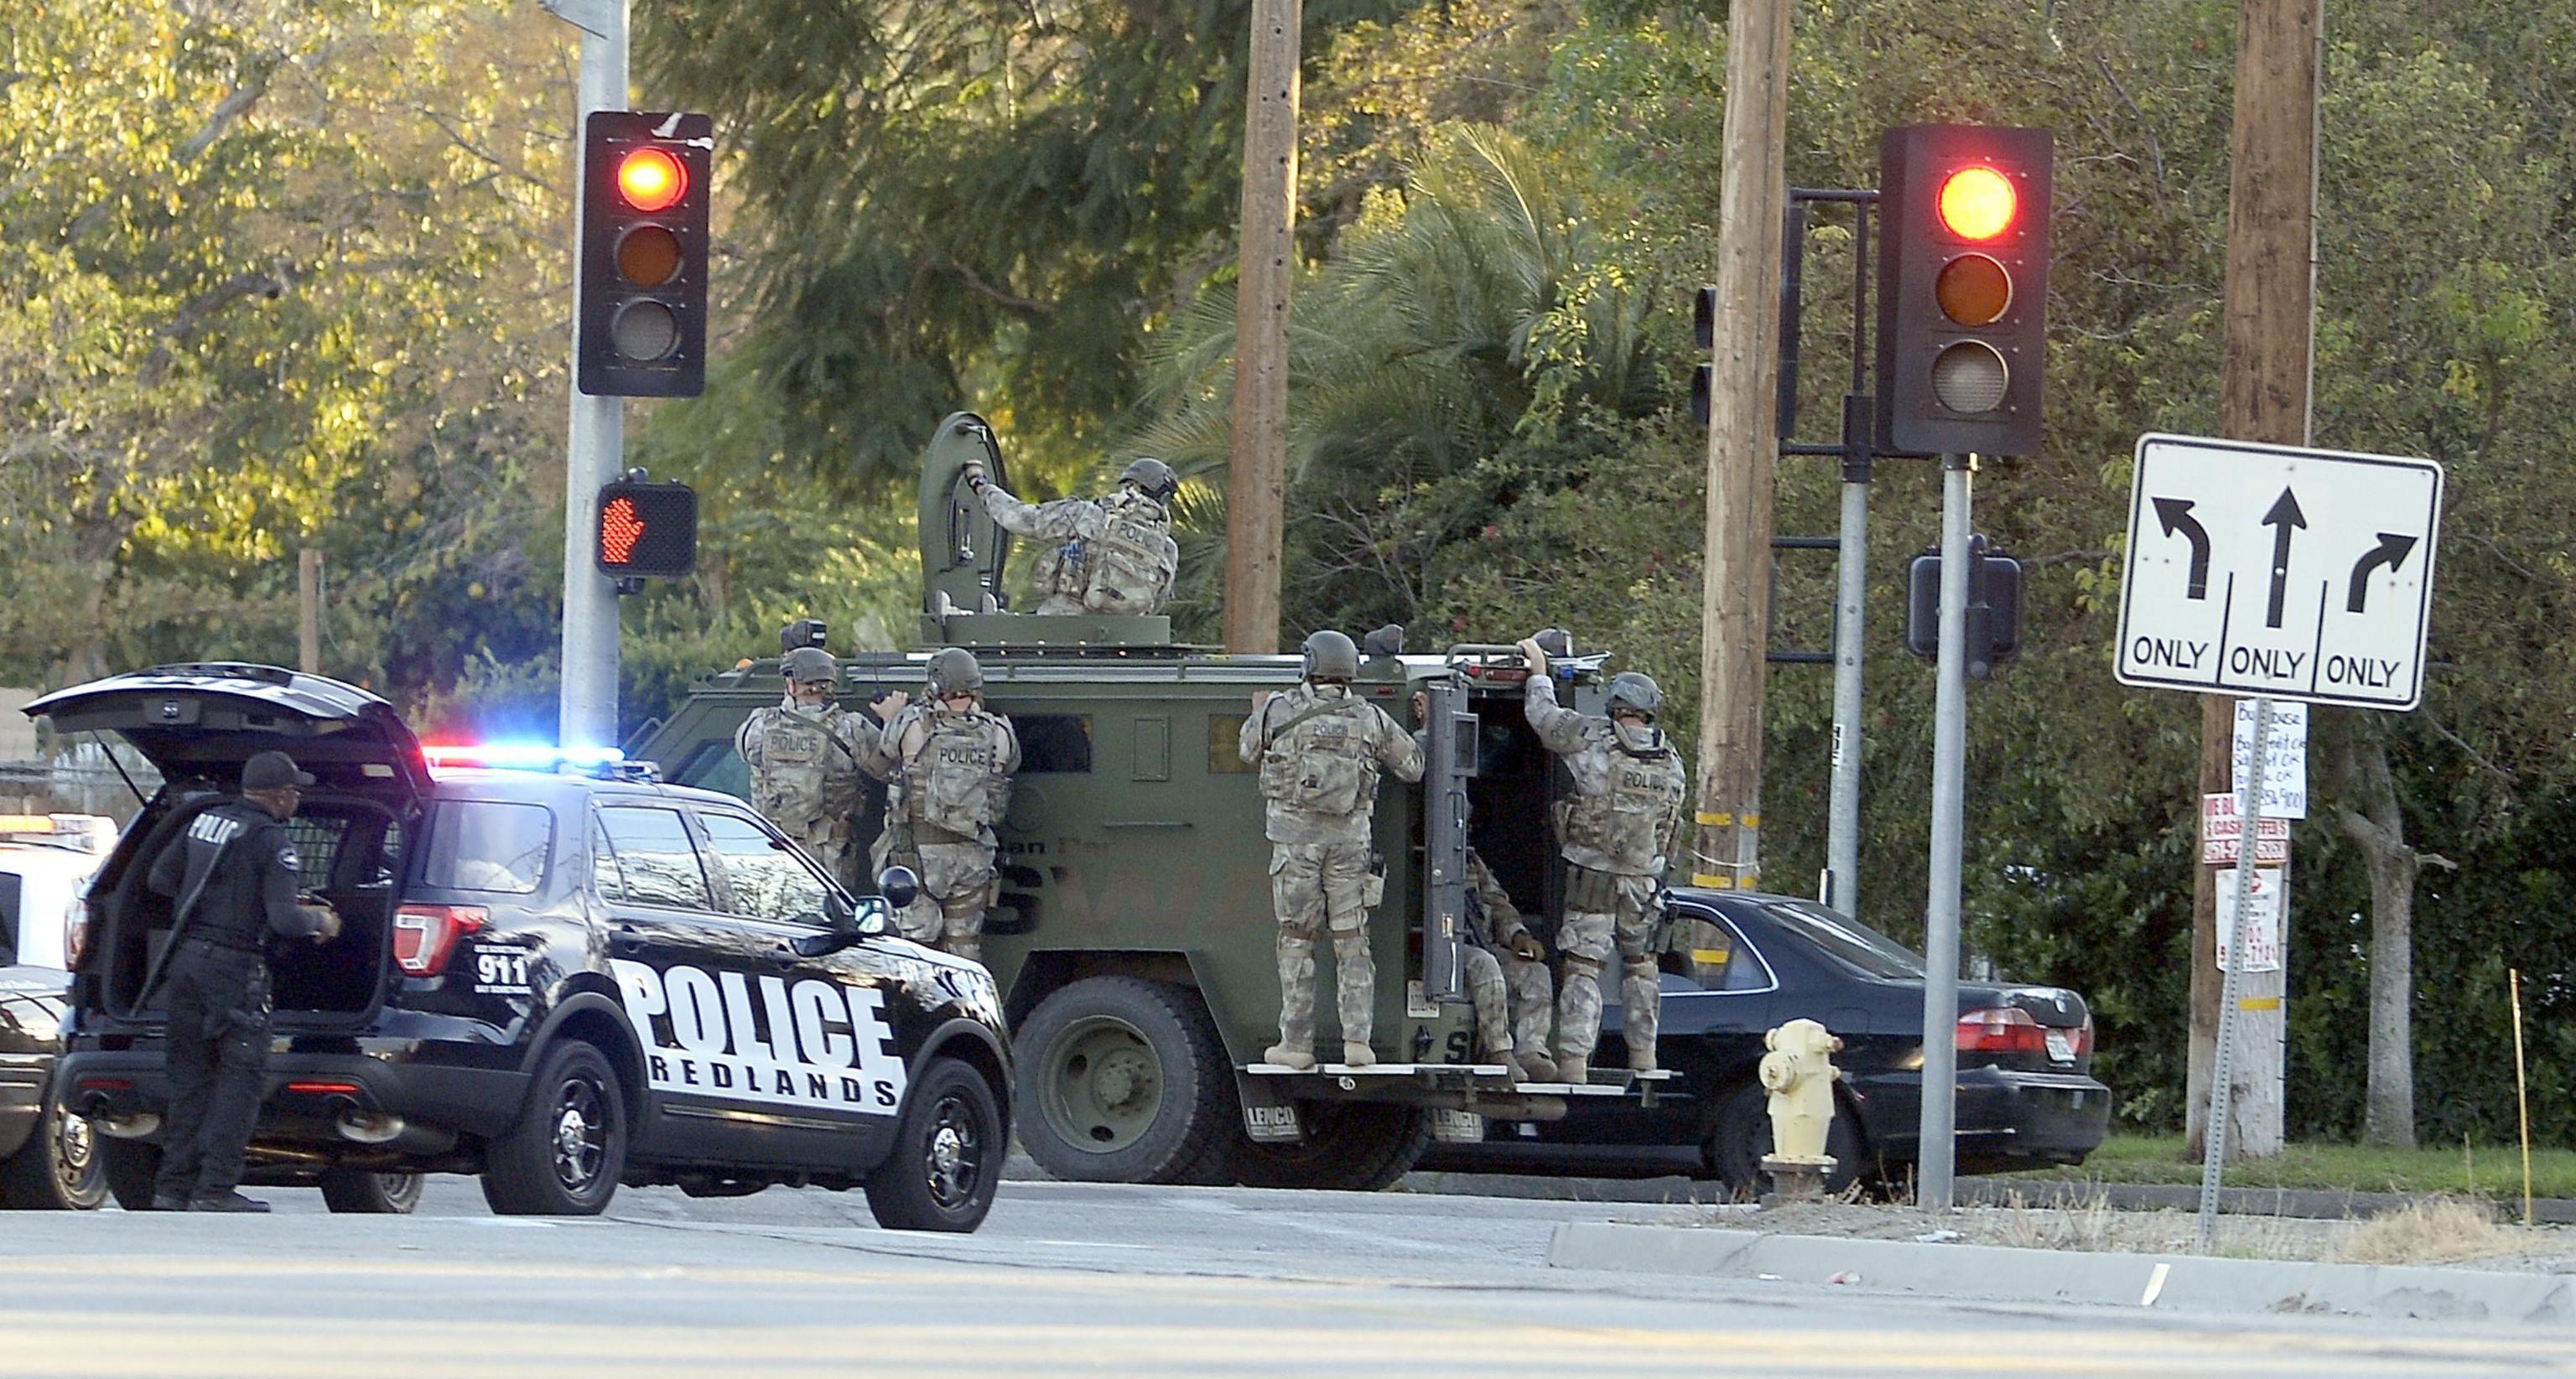 Strage in California, per l'Fbi è terrorismo islamico. L'Isis esulta